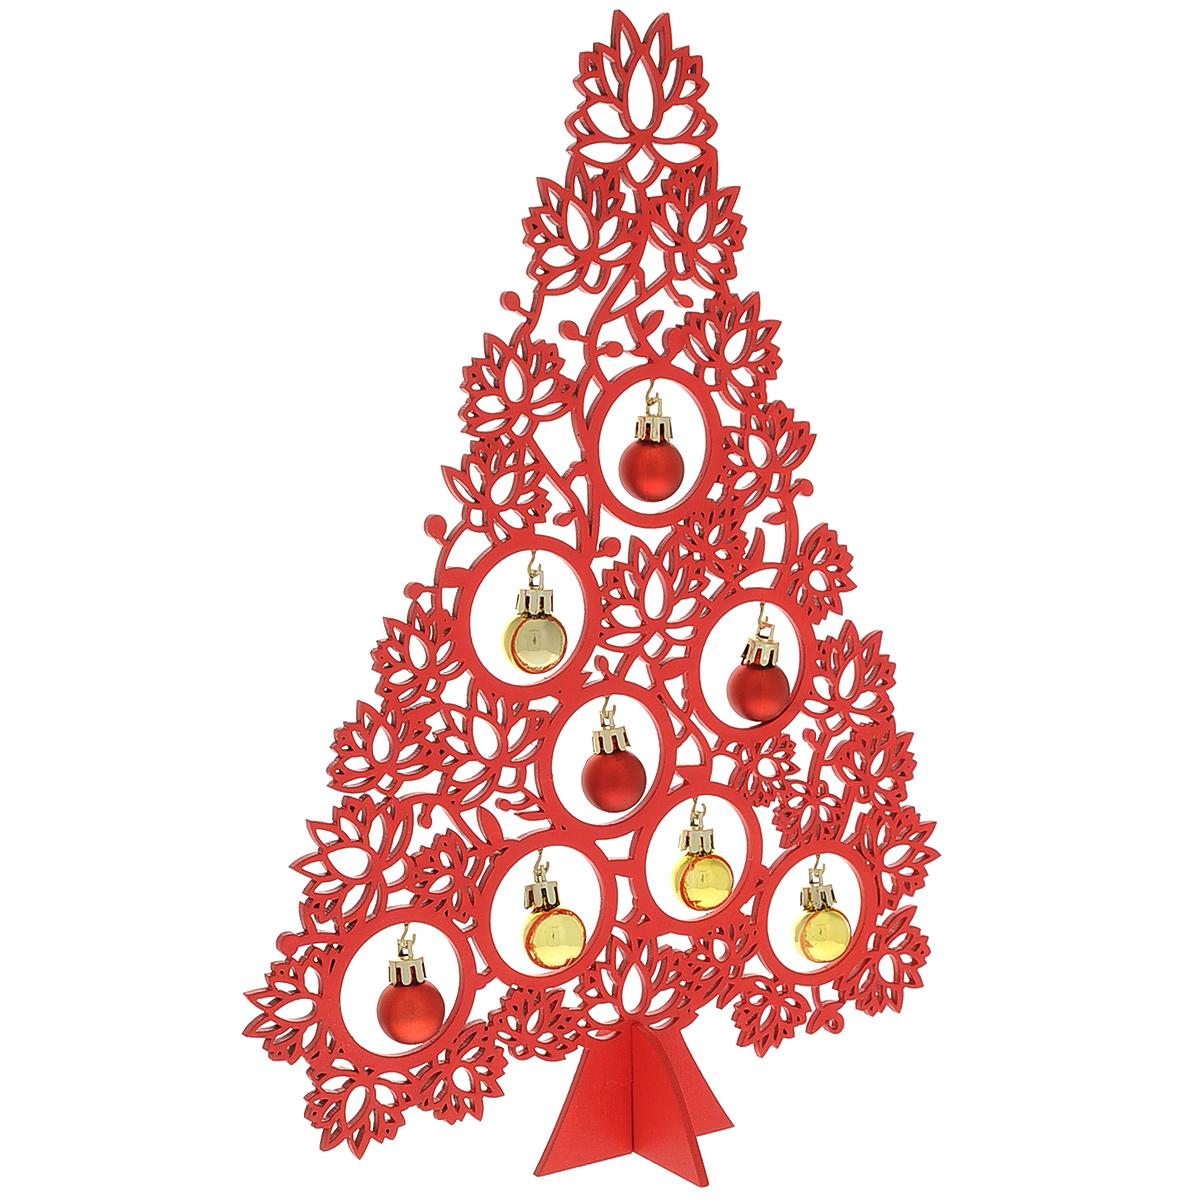 Украшение новогоднее Magic Time Ель с игрушками, цвет: красный, высота 34 см